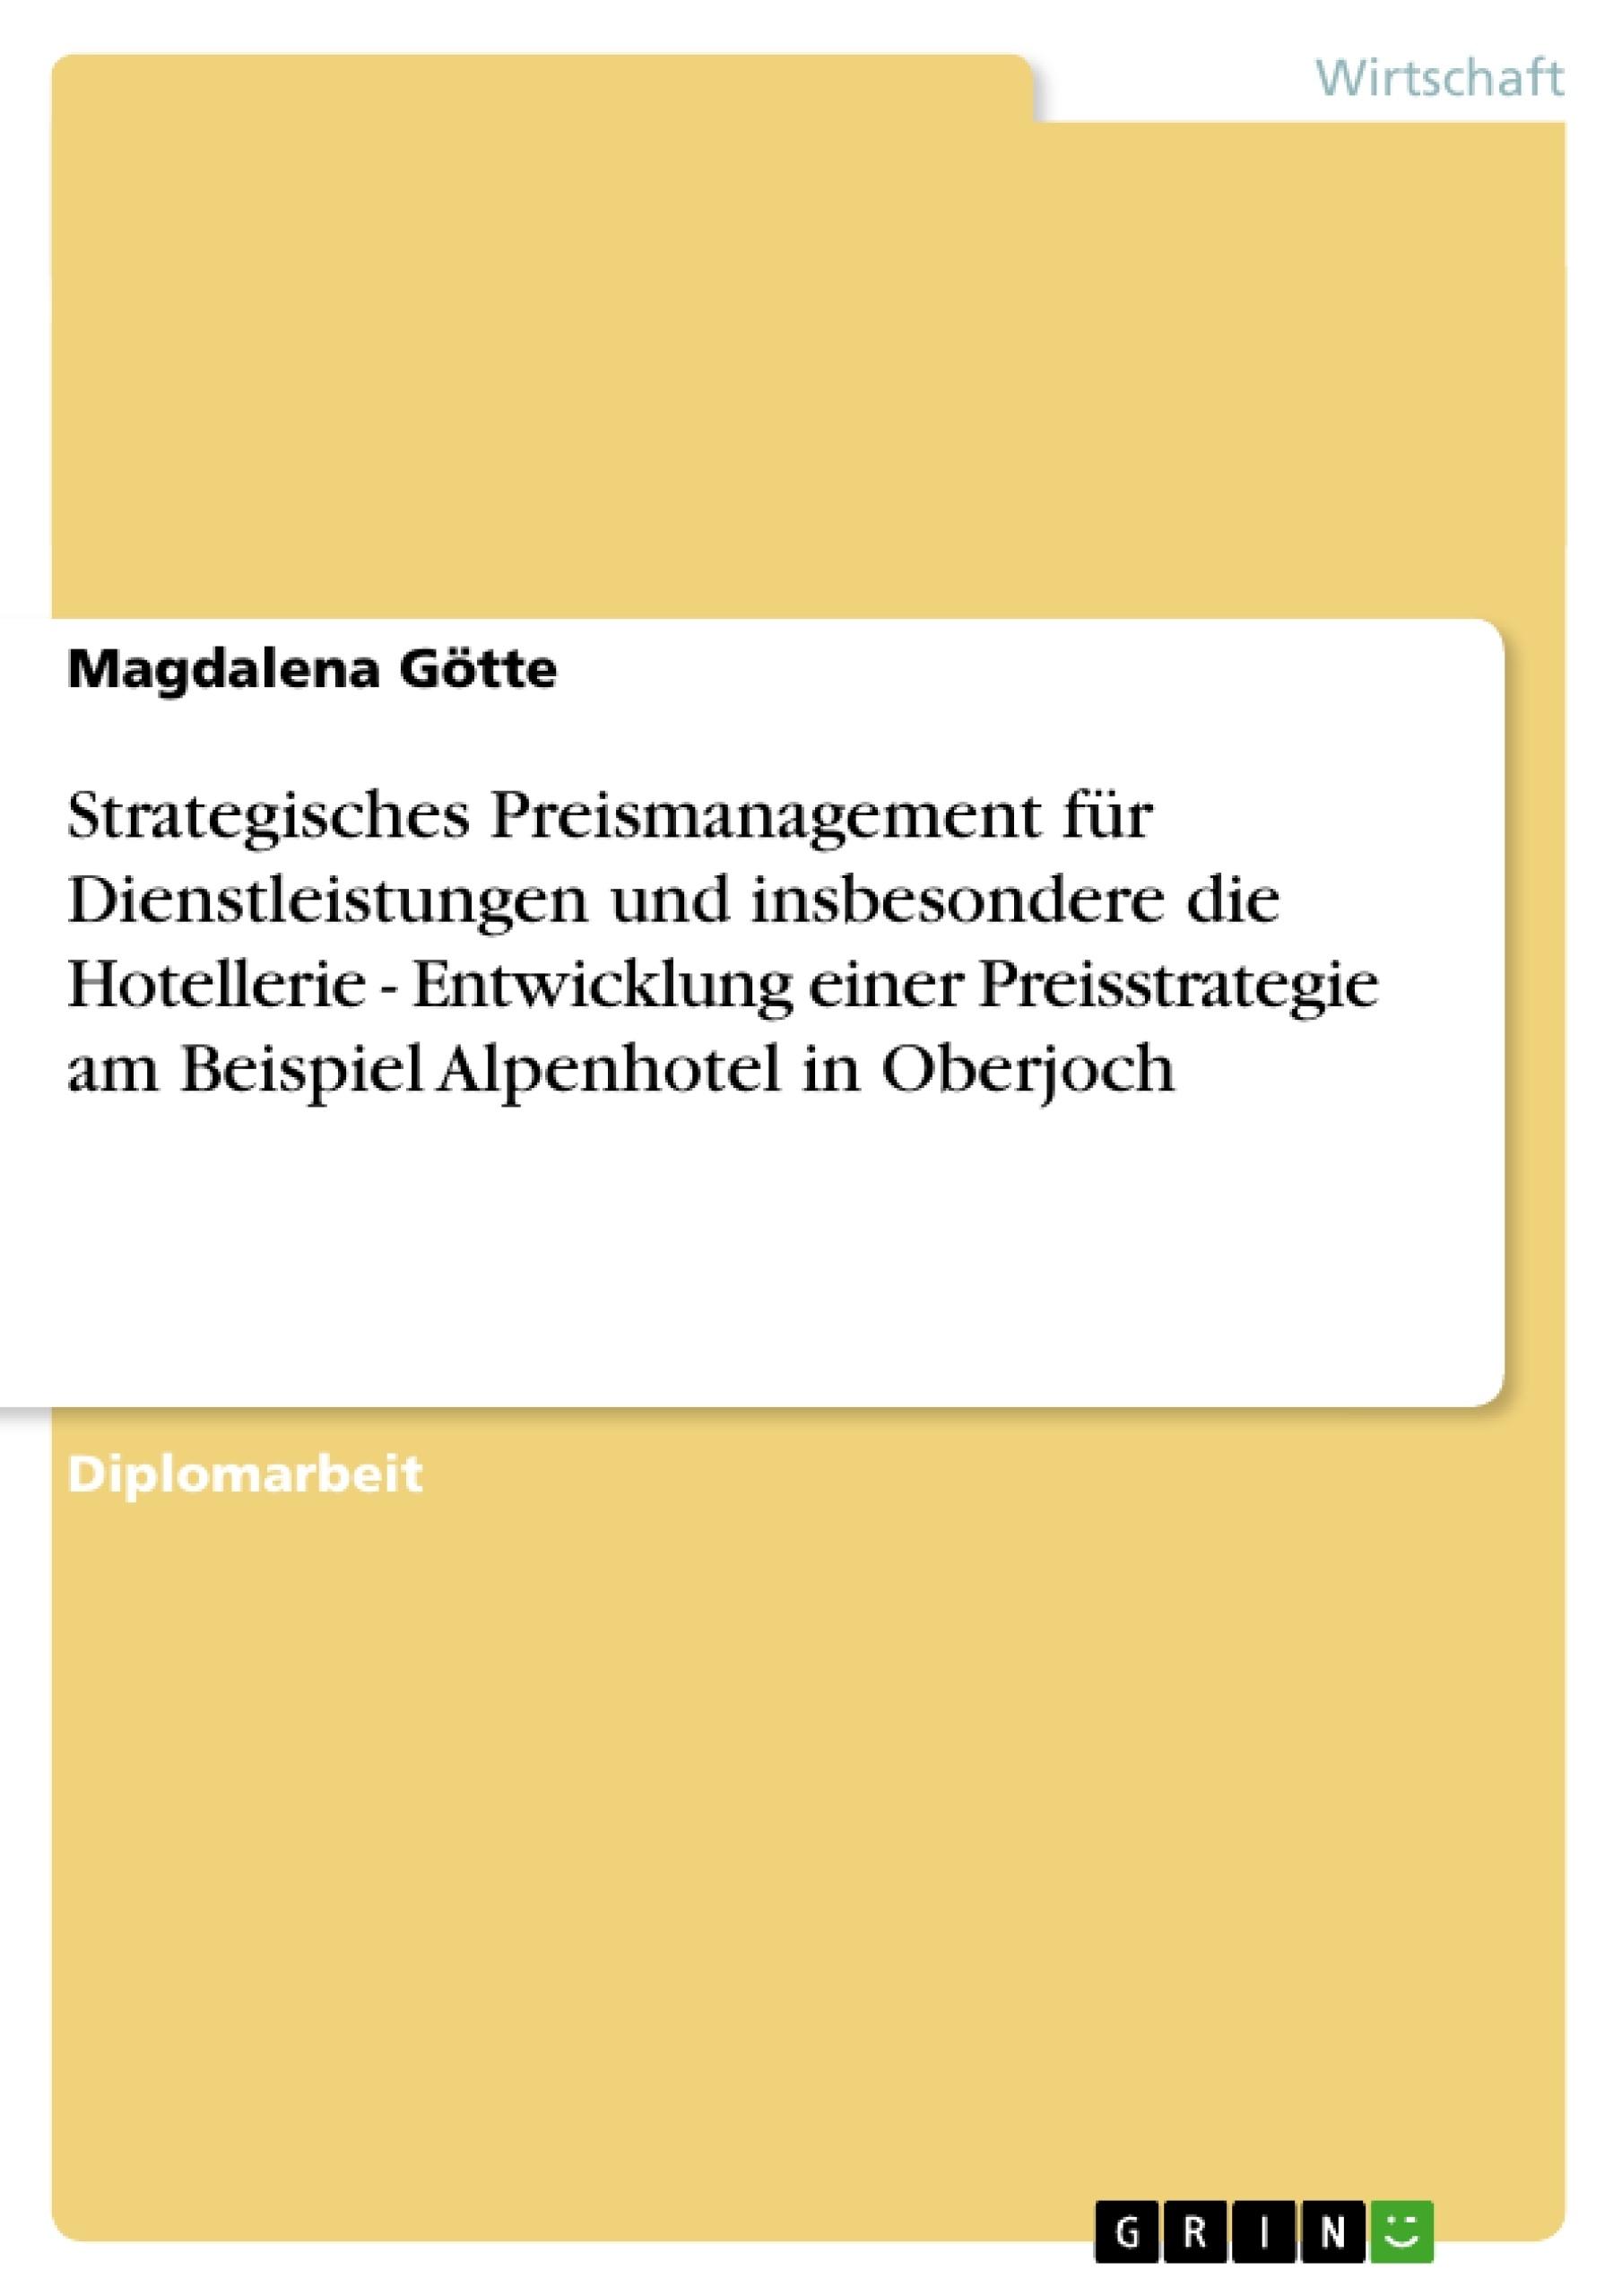 Titel: Strategisches Preismanagement für Dienstleistungen und insbesondere die Hotellerie - Entwicklung einer Preisstrategie am Beispiel Alpenhotel in Oberjoch